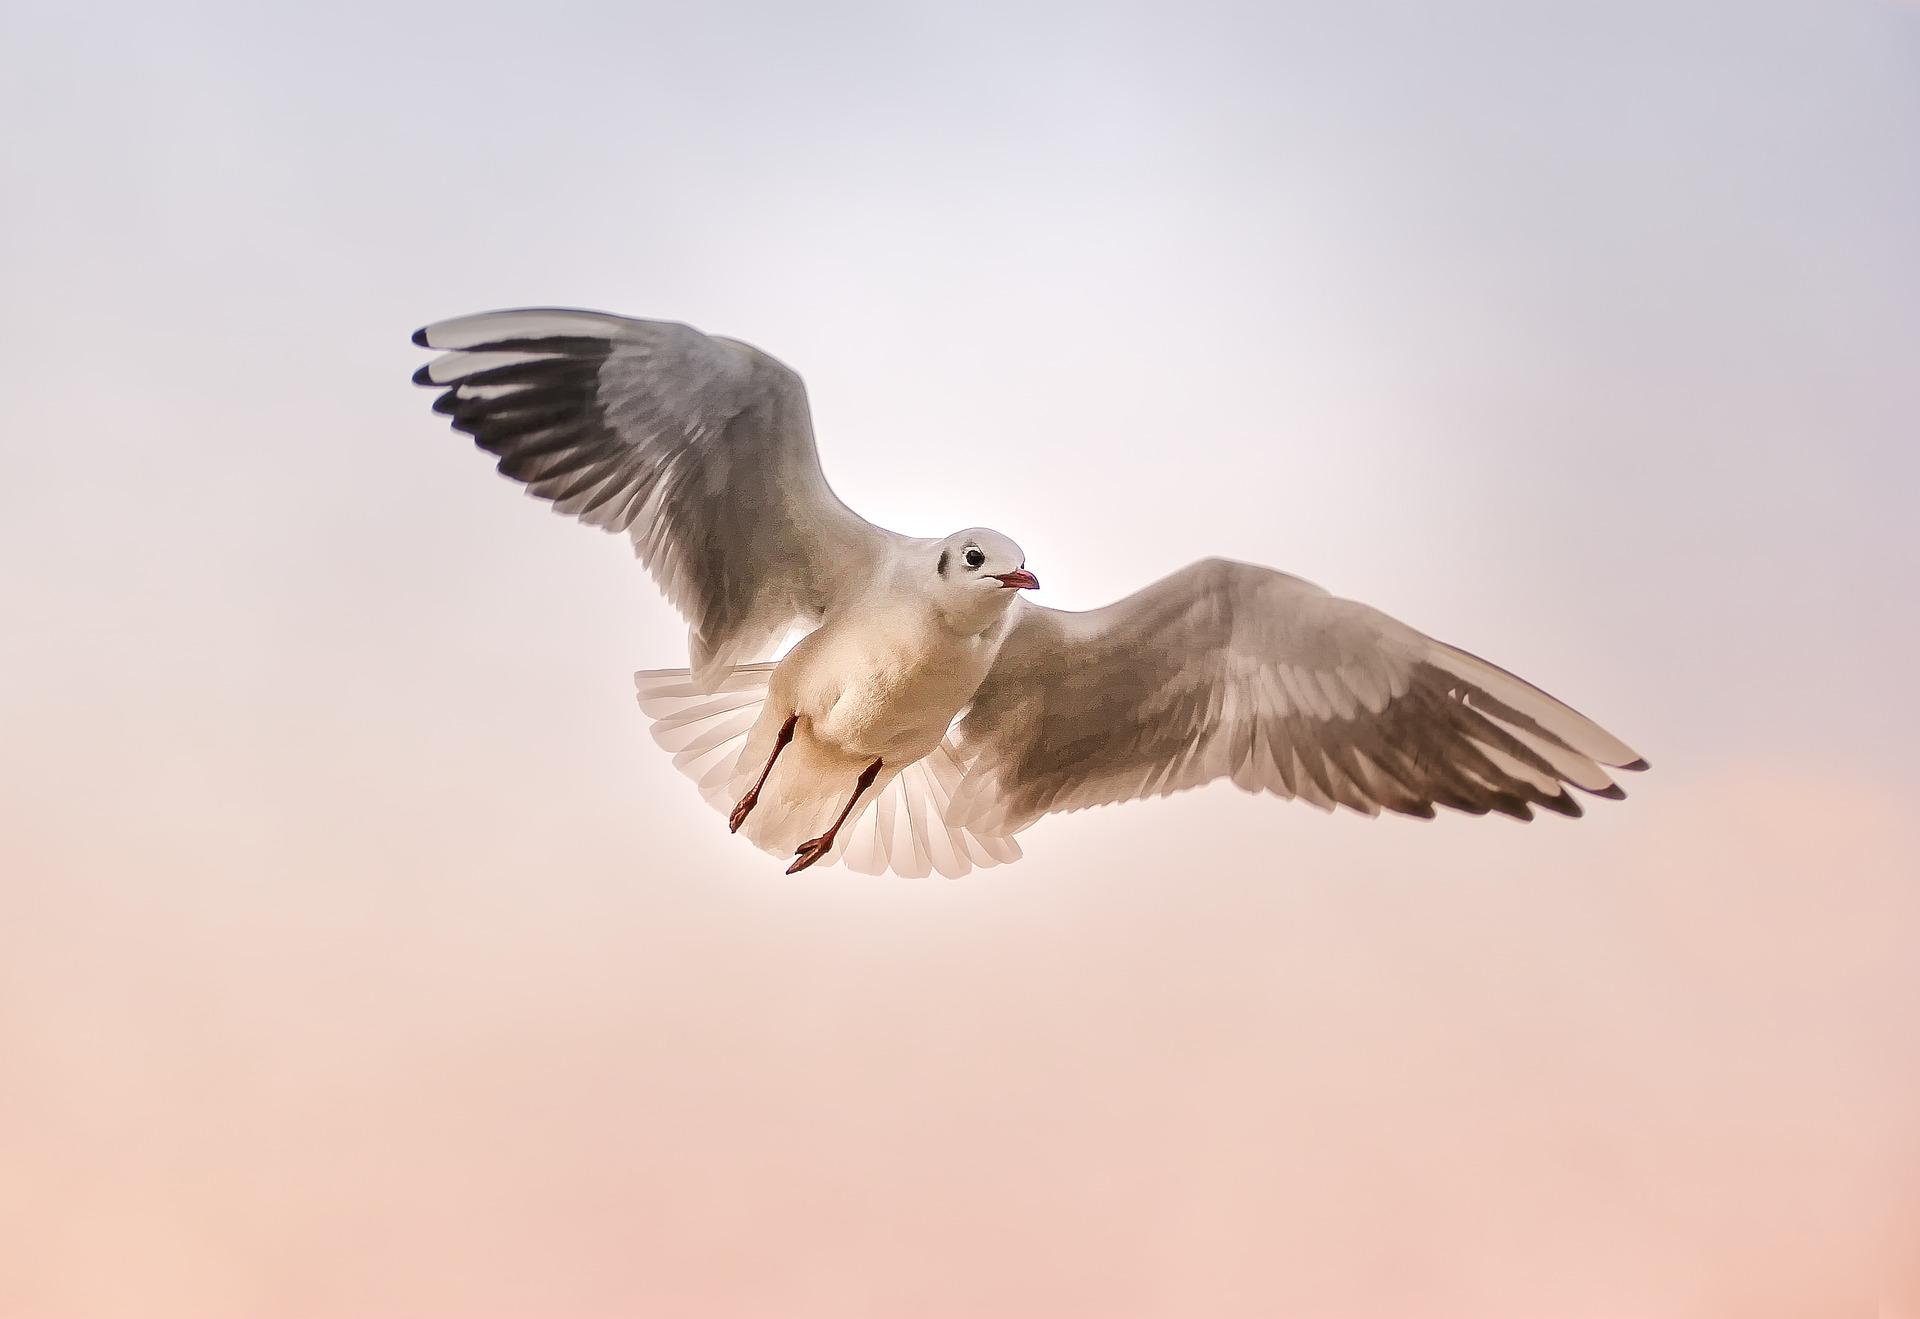 Seebestattung auf der Ostsee: Möwe am Himmel